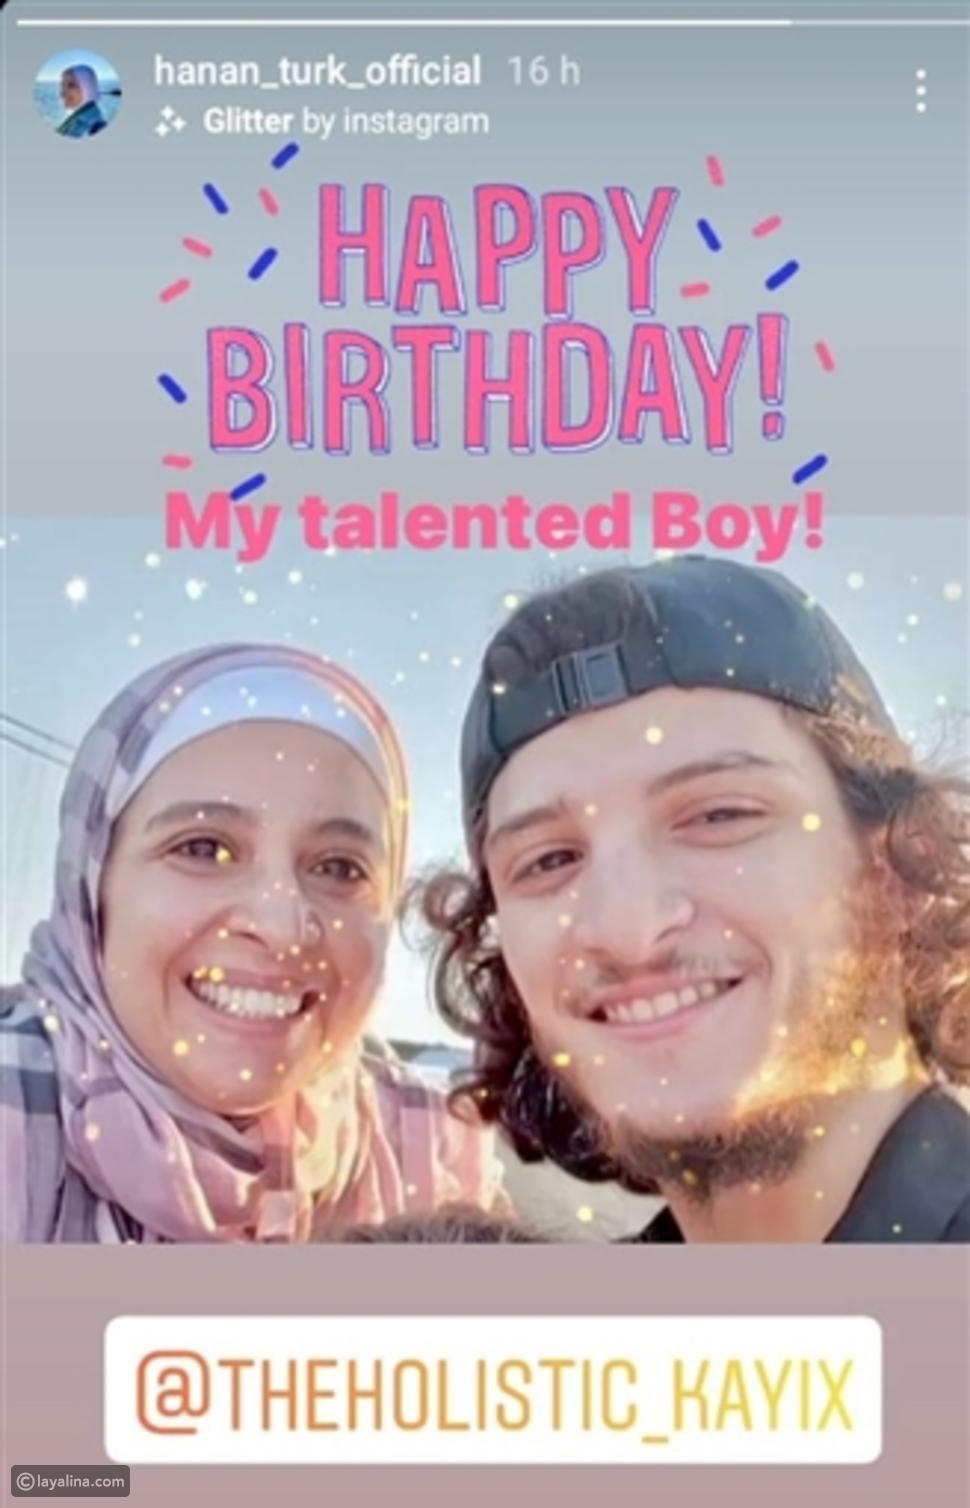 """حنان ترك تحتفل بعيد ميلاد أكبر أبنائها مغني الراب """"يوسف"""""""